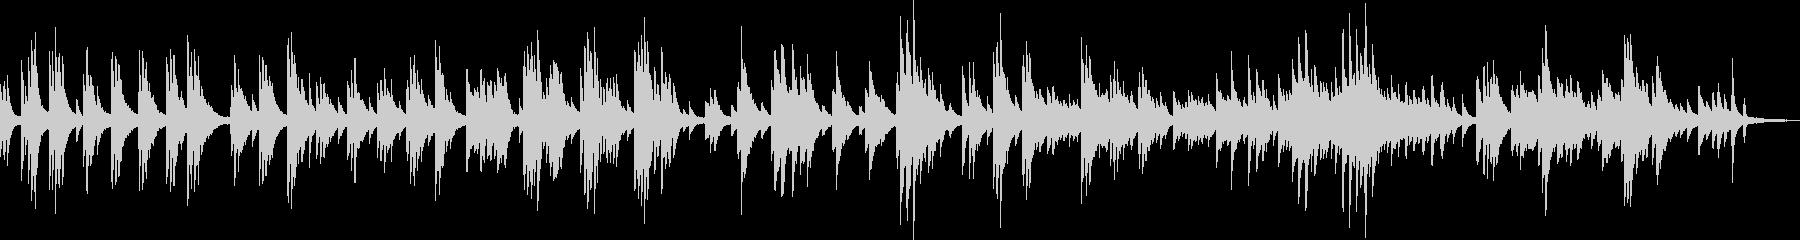 幸せな時間(ピアノソロ・ゆったり)の未再生の波形